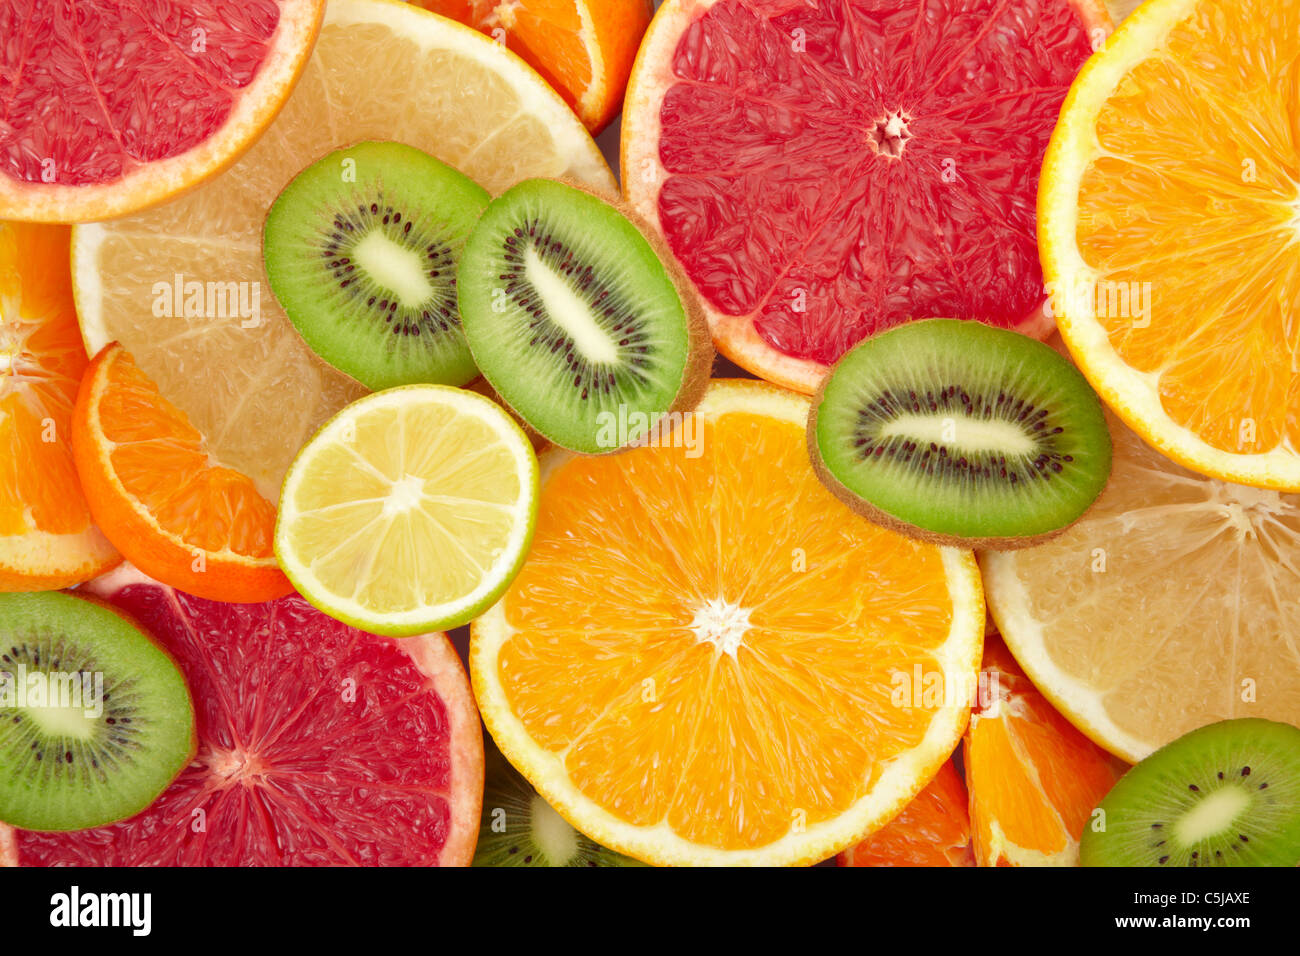 Citrus fruit and kiwi background - Stock Image